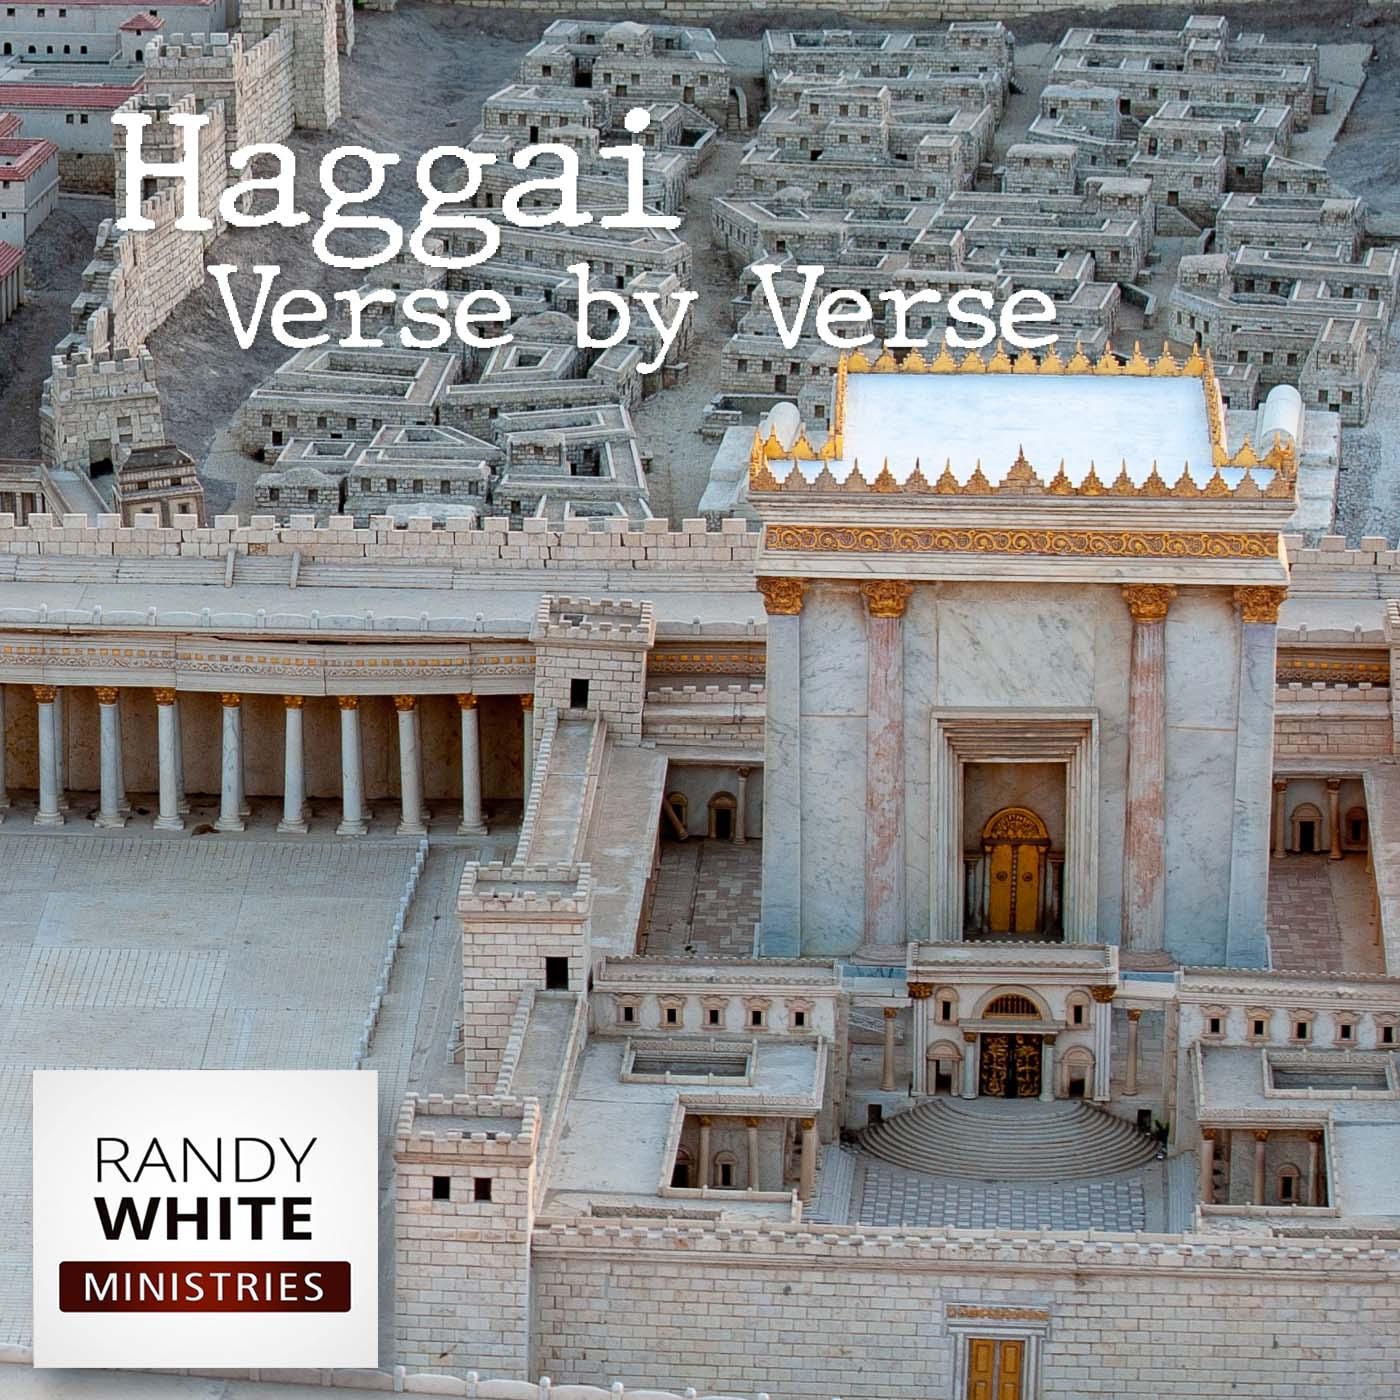 RWM: Haggai Verse by Verse